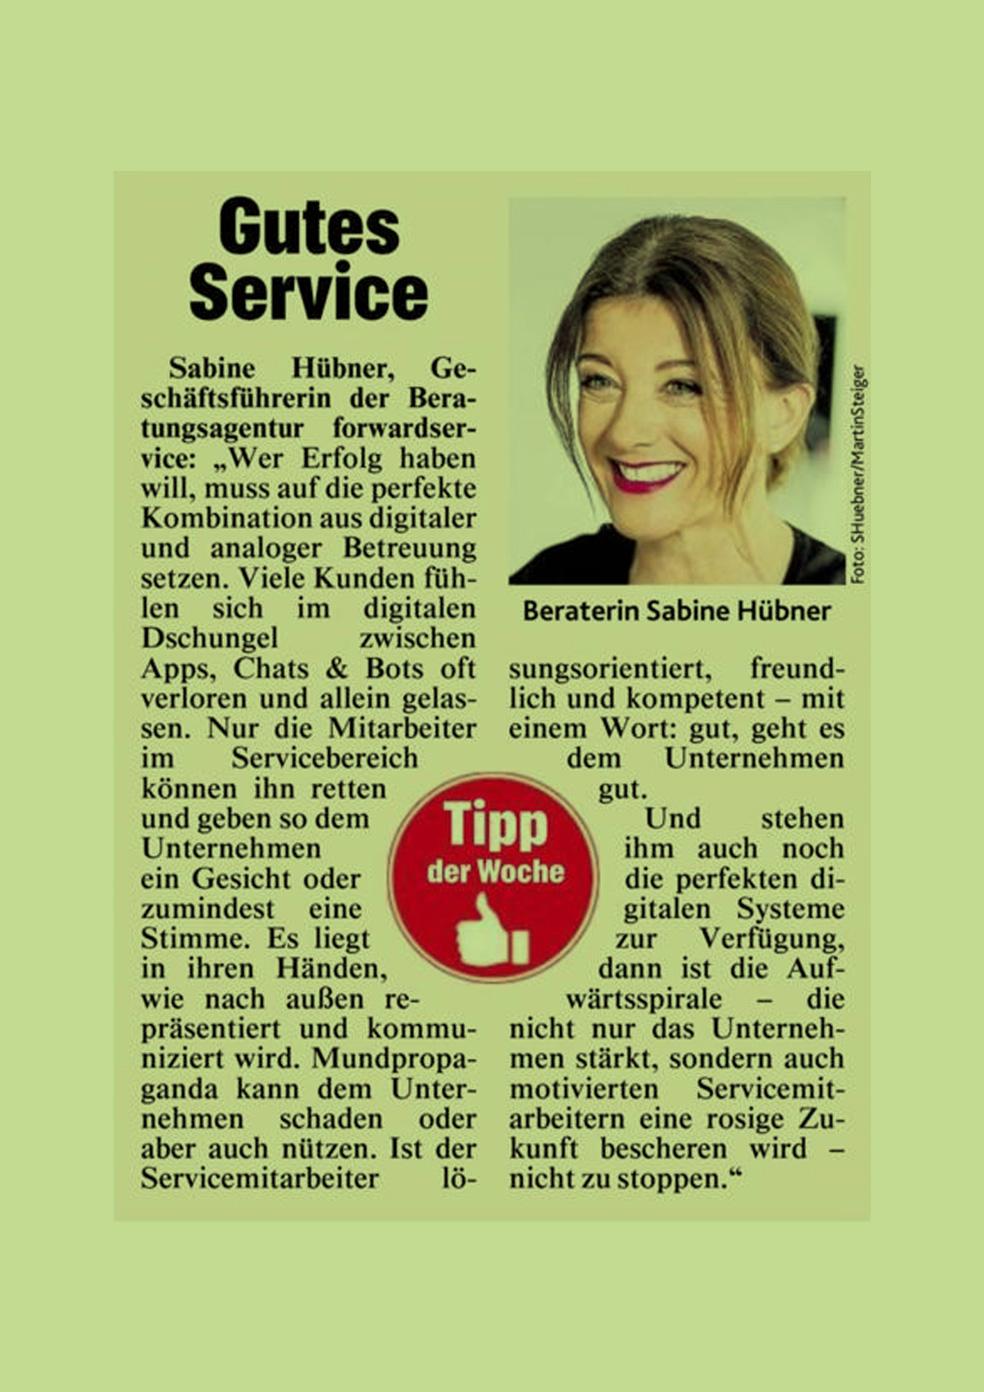 Kronen Zeitung - Gutes Service